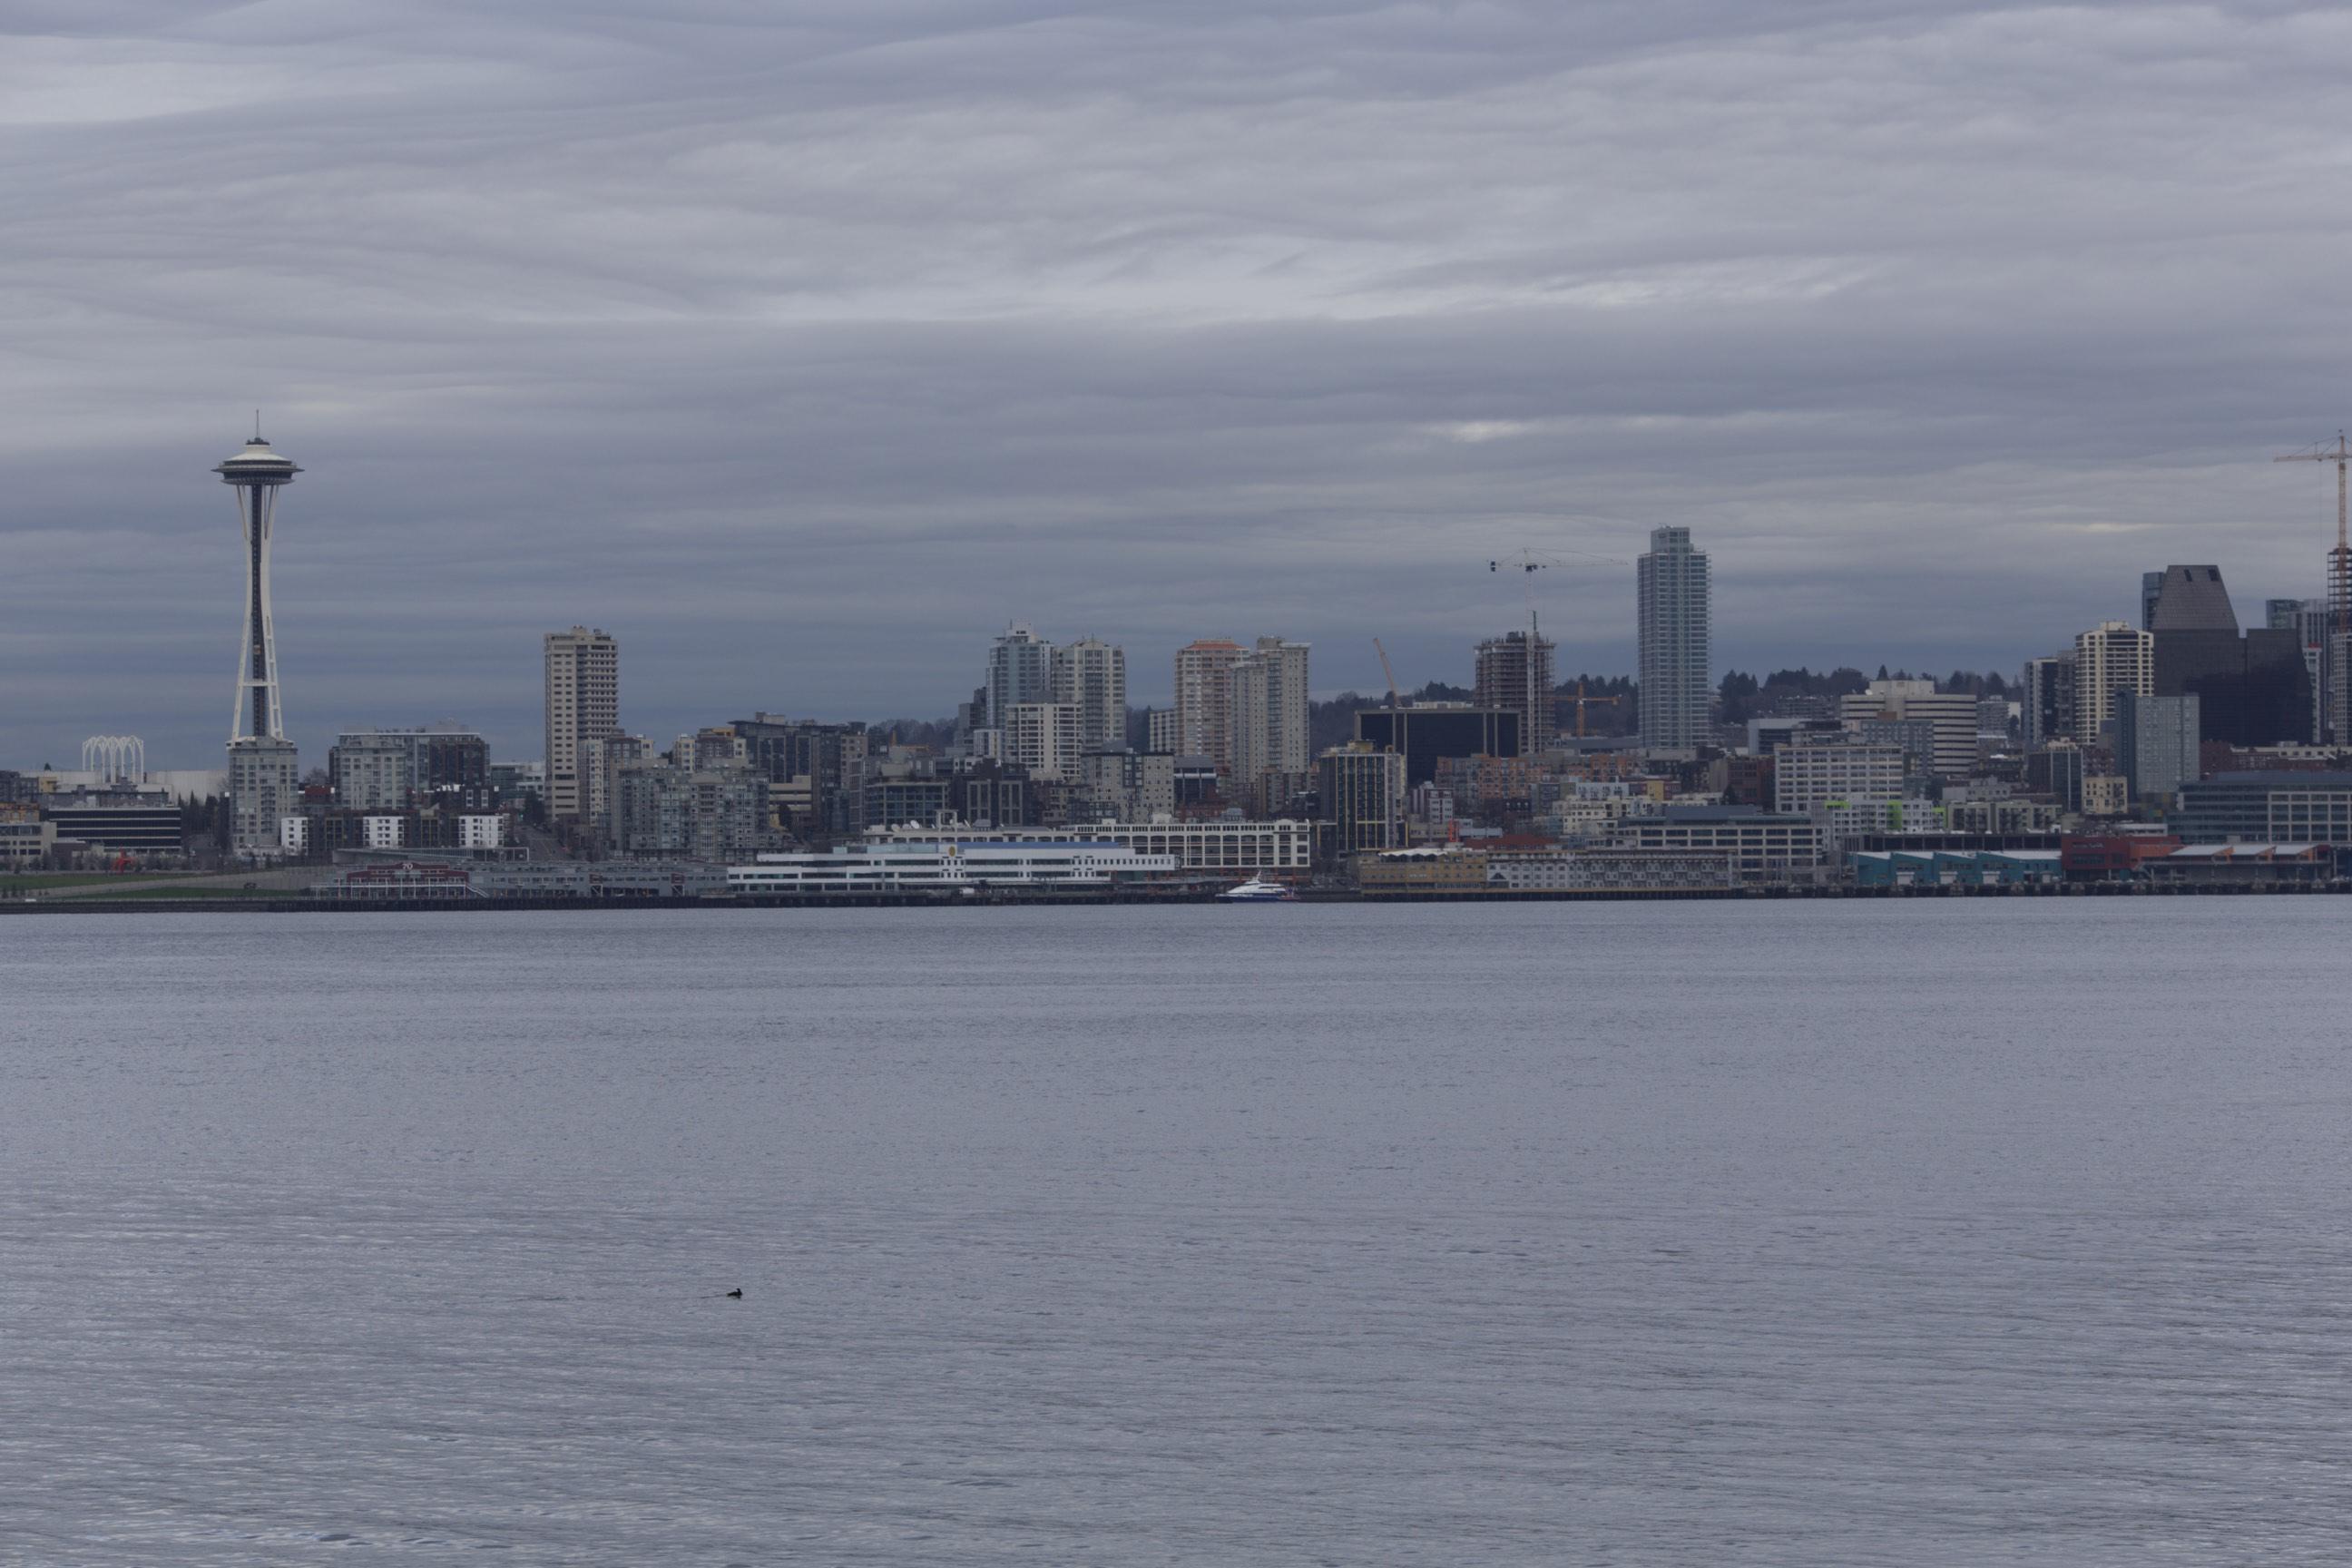 Seattle 02-12-2015 - 0073